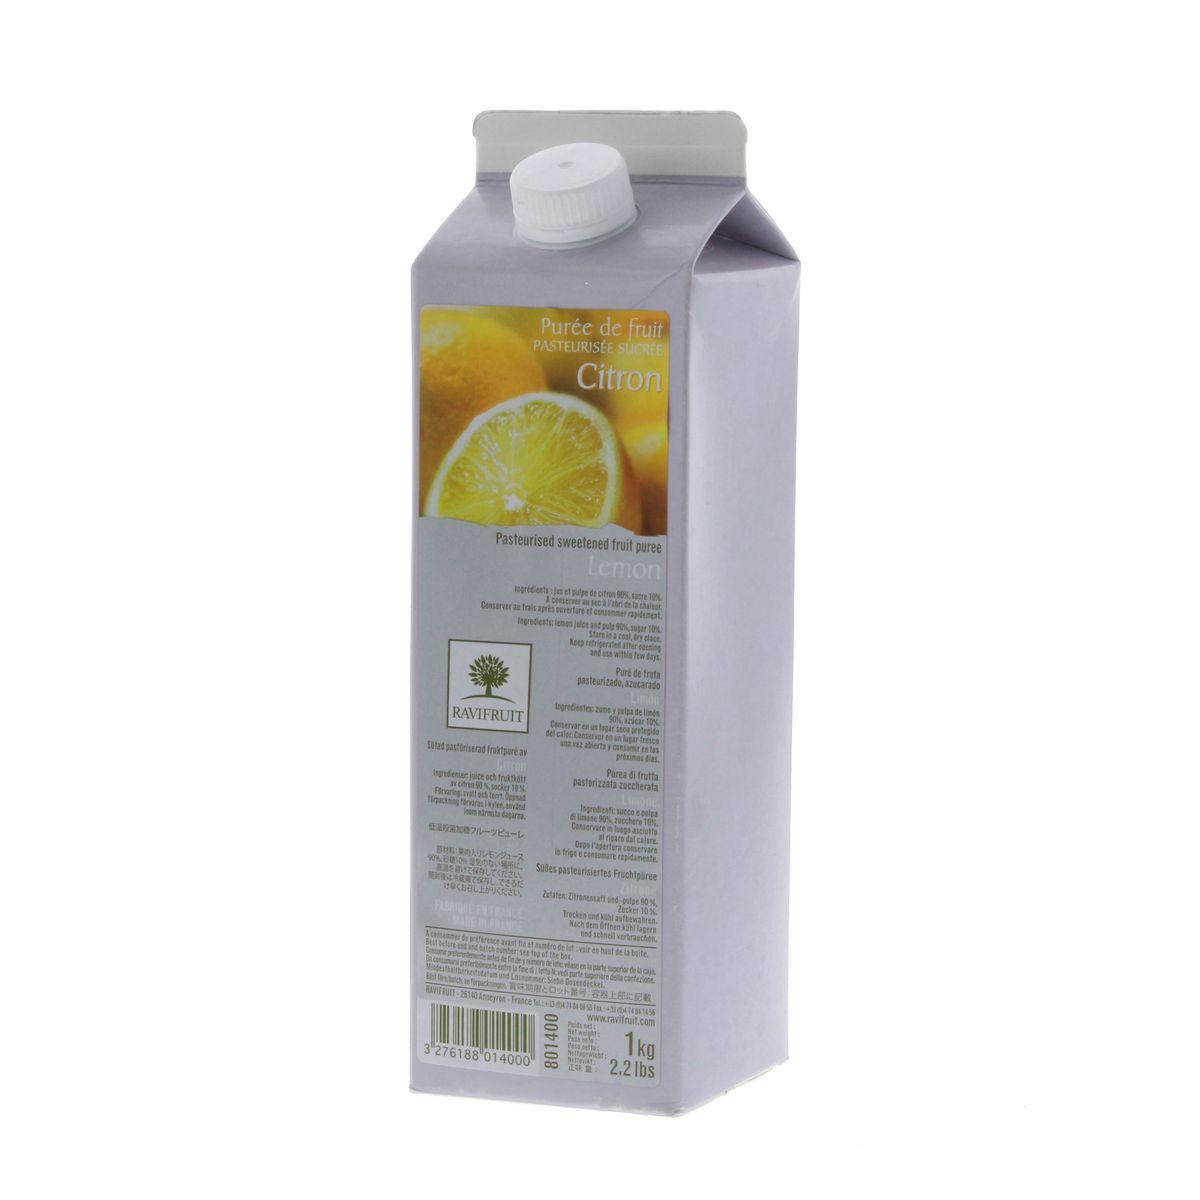 Purée de citron 1000 ml - Ravifruit